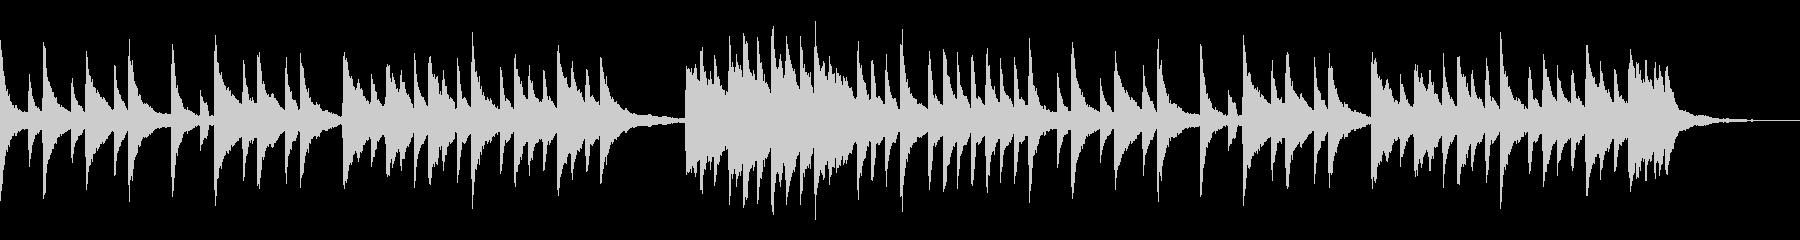 映像やCMなどに。切ないピアノのBGMの未再生の波形